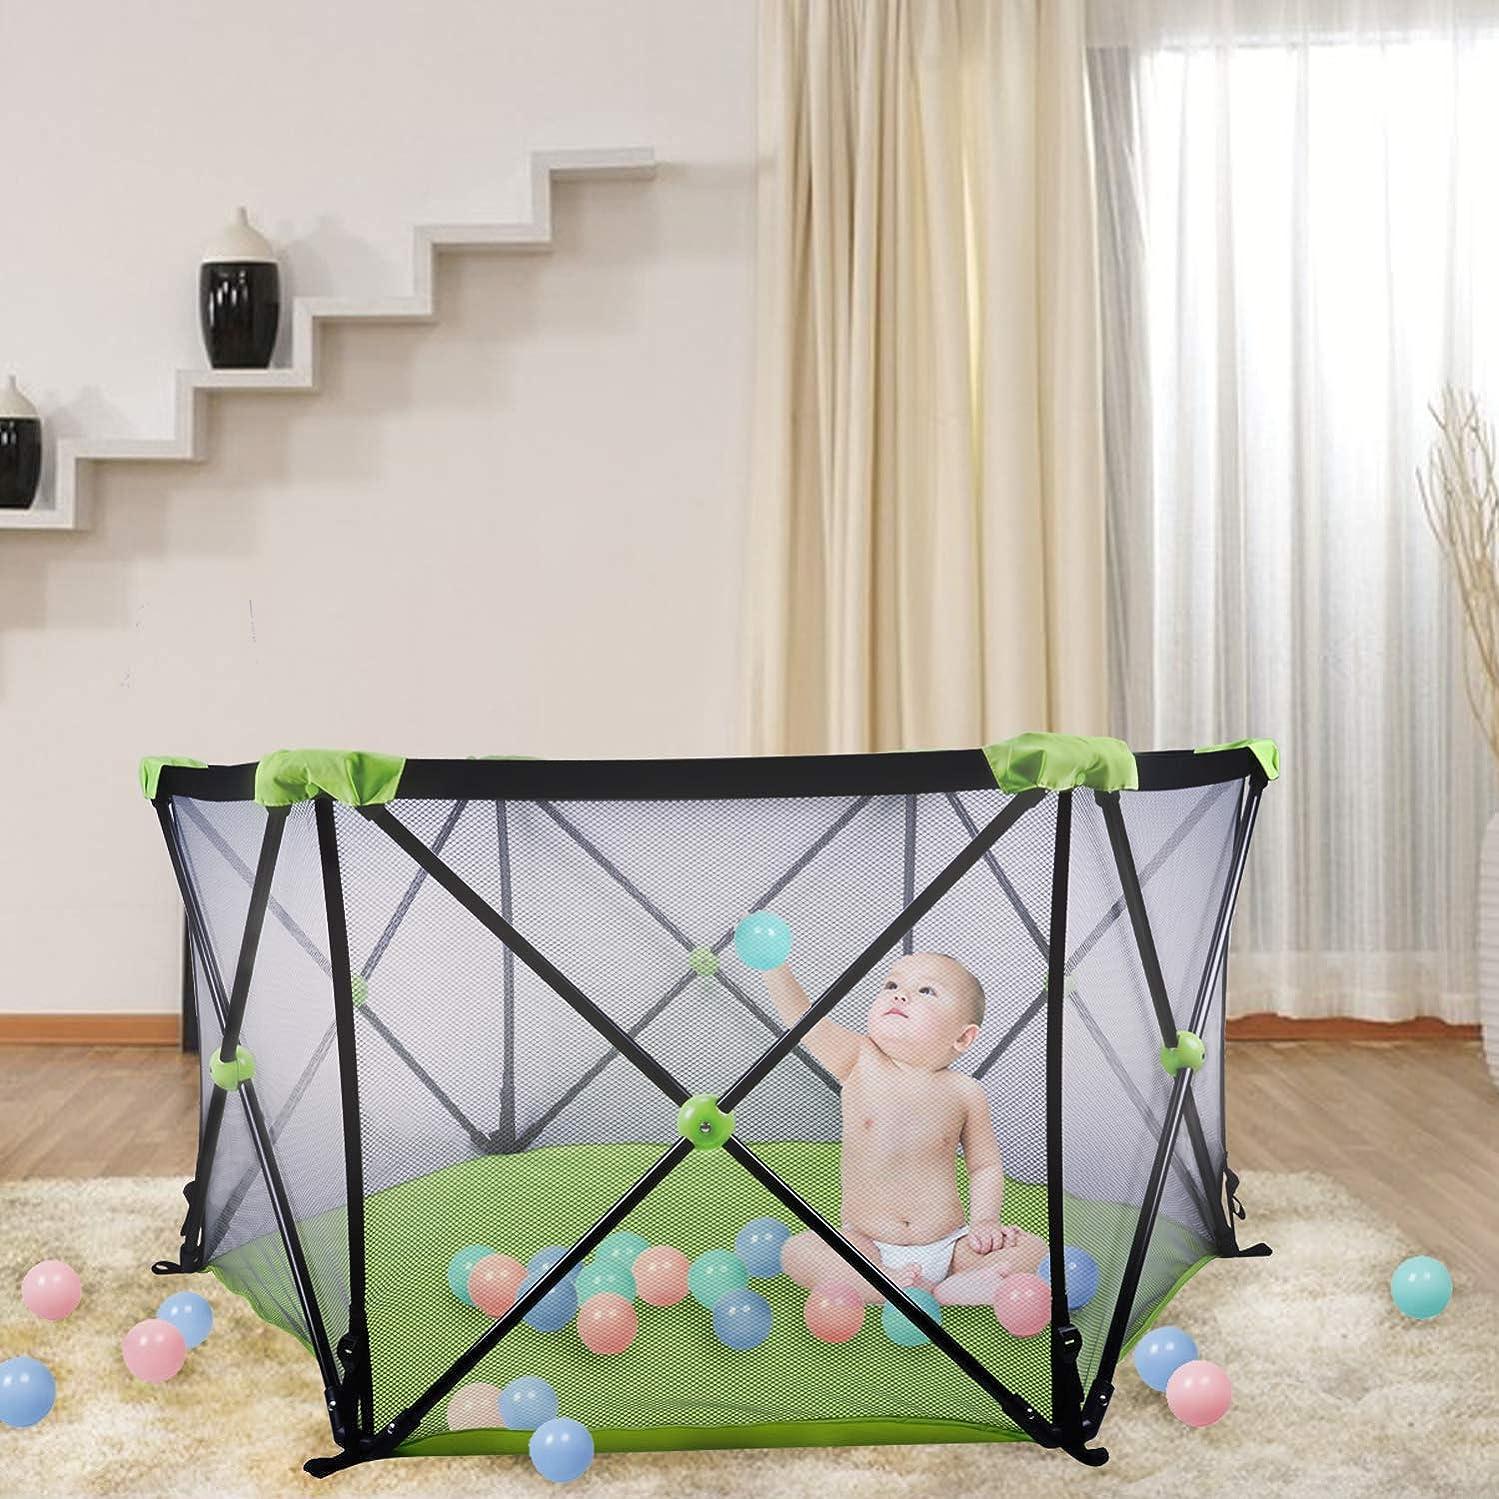 医学皮肉な赤ちゃんポータブルプレイペン 屋内?屋外用 ポータブル折りたたみキャリーケース付き 洗濯可能 折りたたみ可能